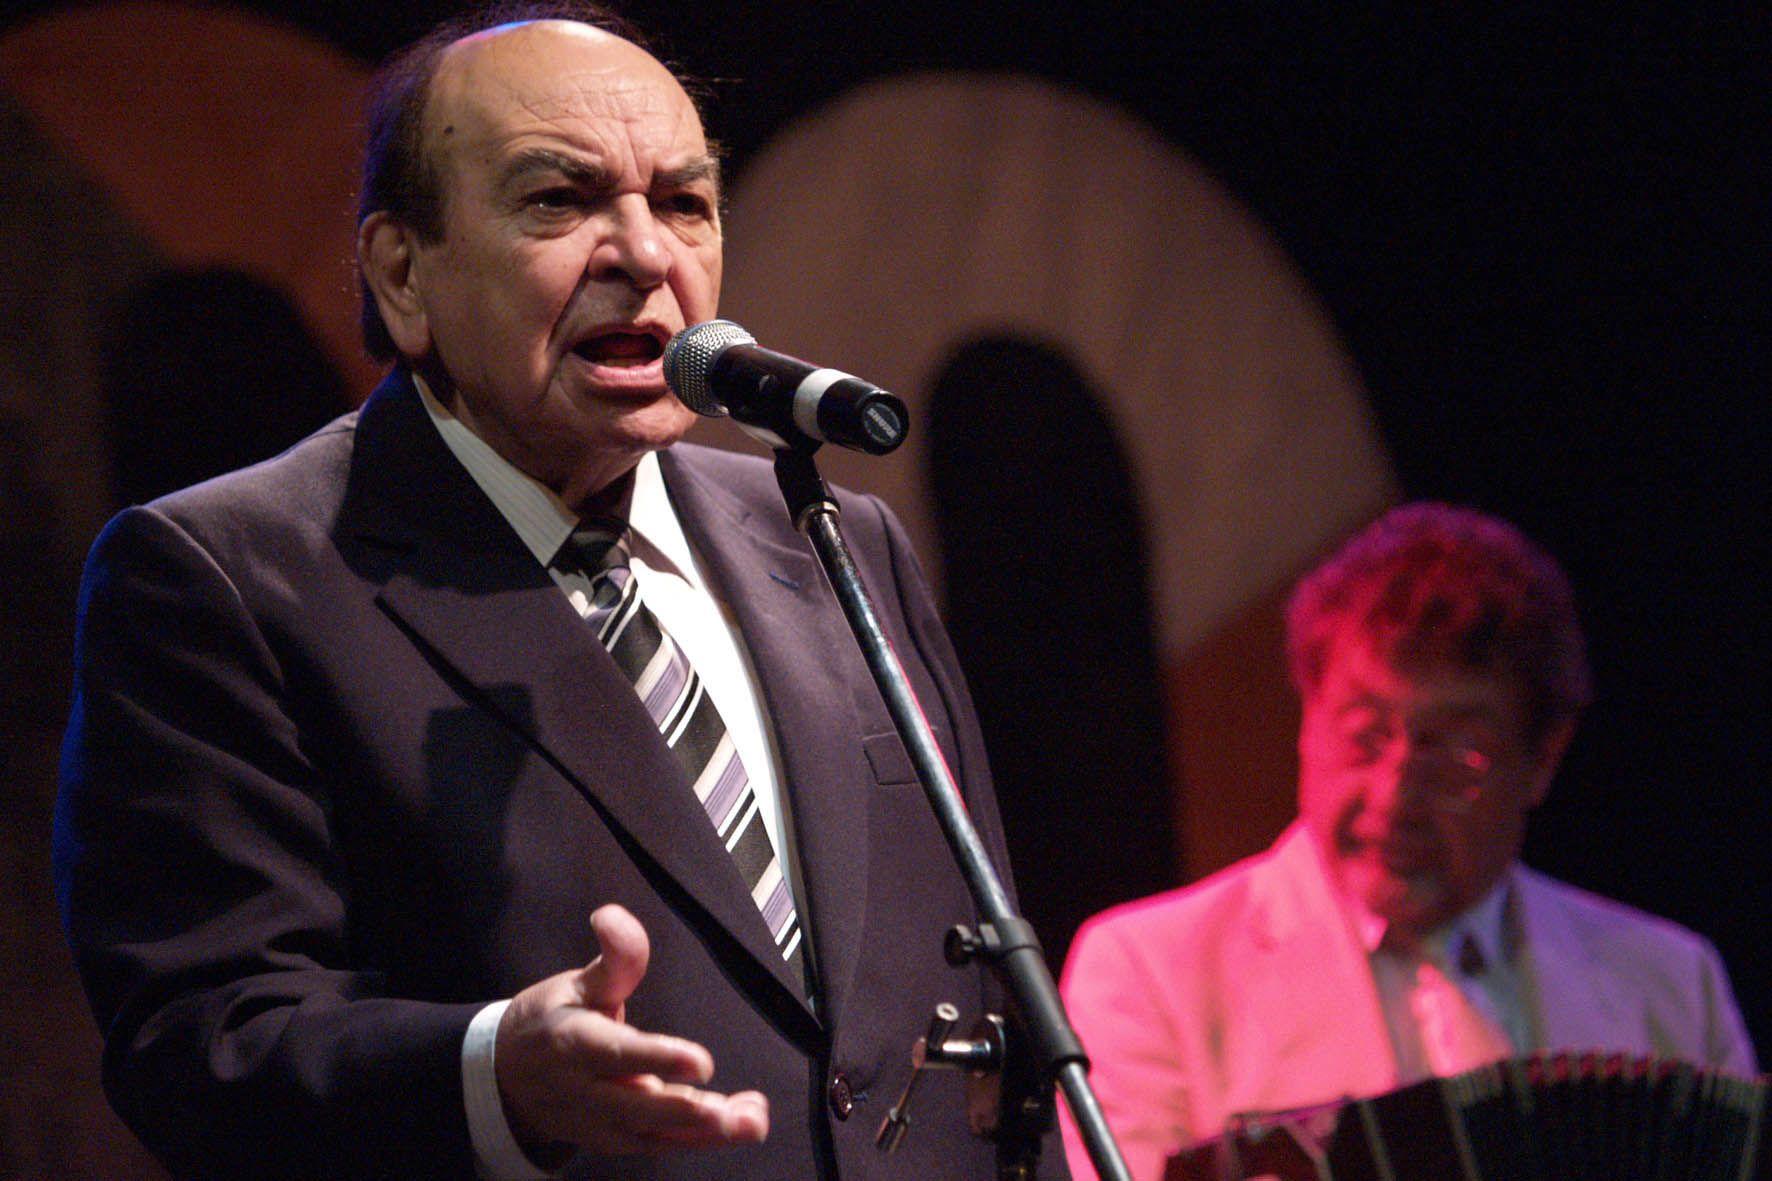 El intérprete cantó junto a Julio Sosa y Carlos Di Sarli.